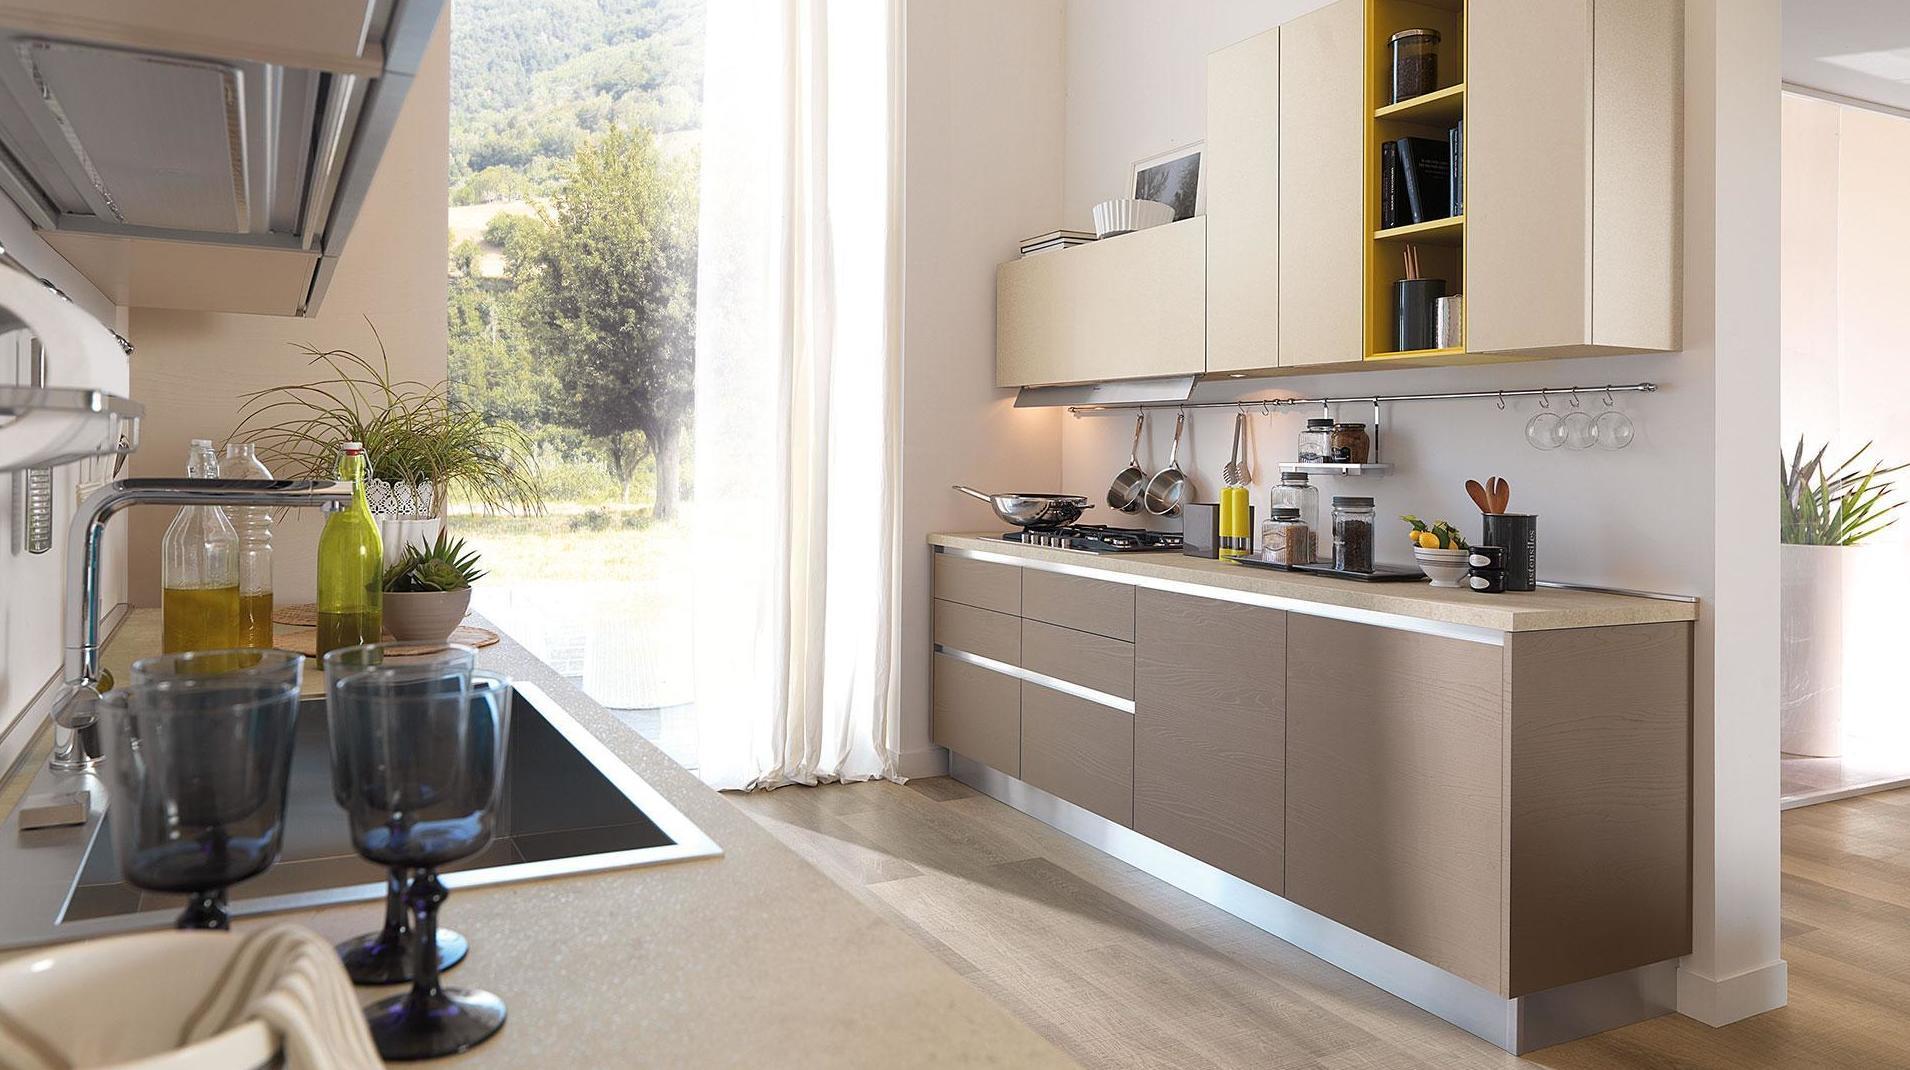 Foto 11 de Cocinas y baños en Getafe | Cocinas y Baños Snello